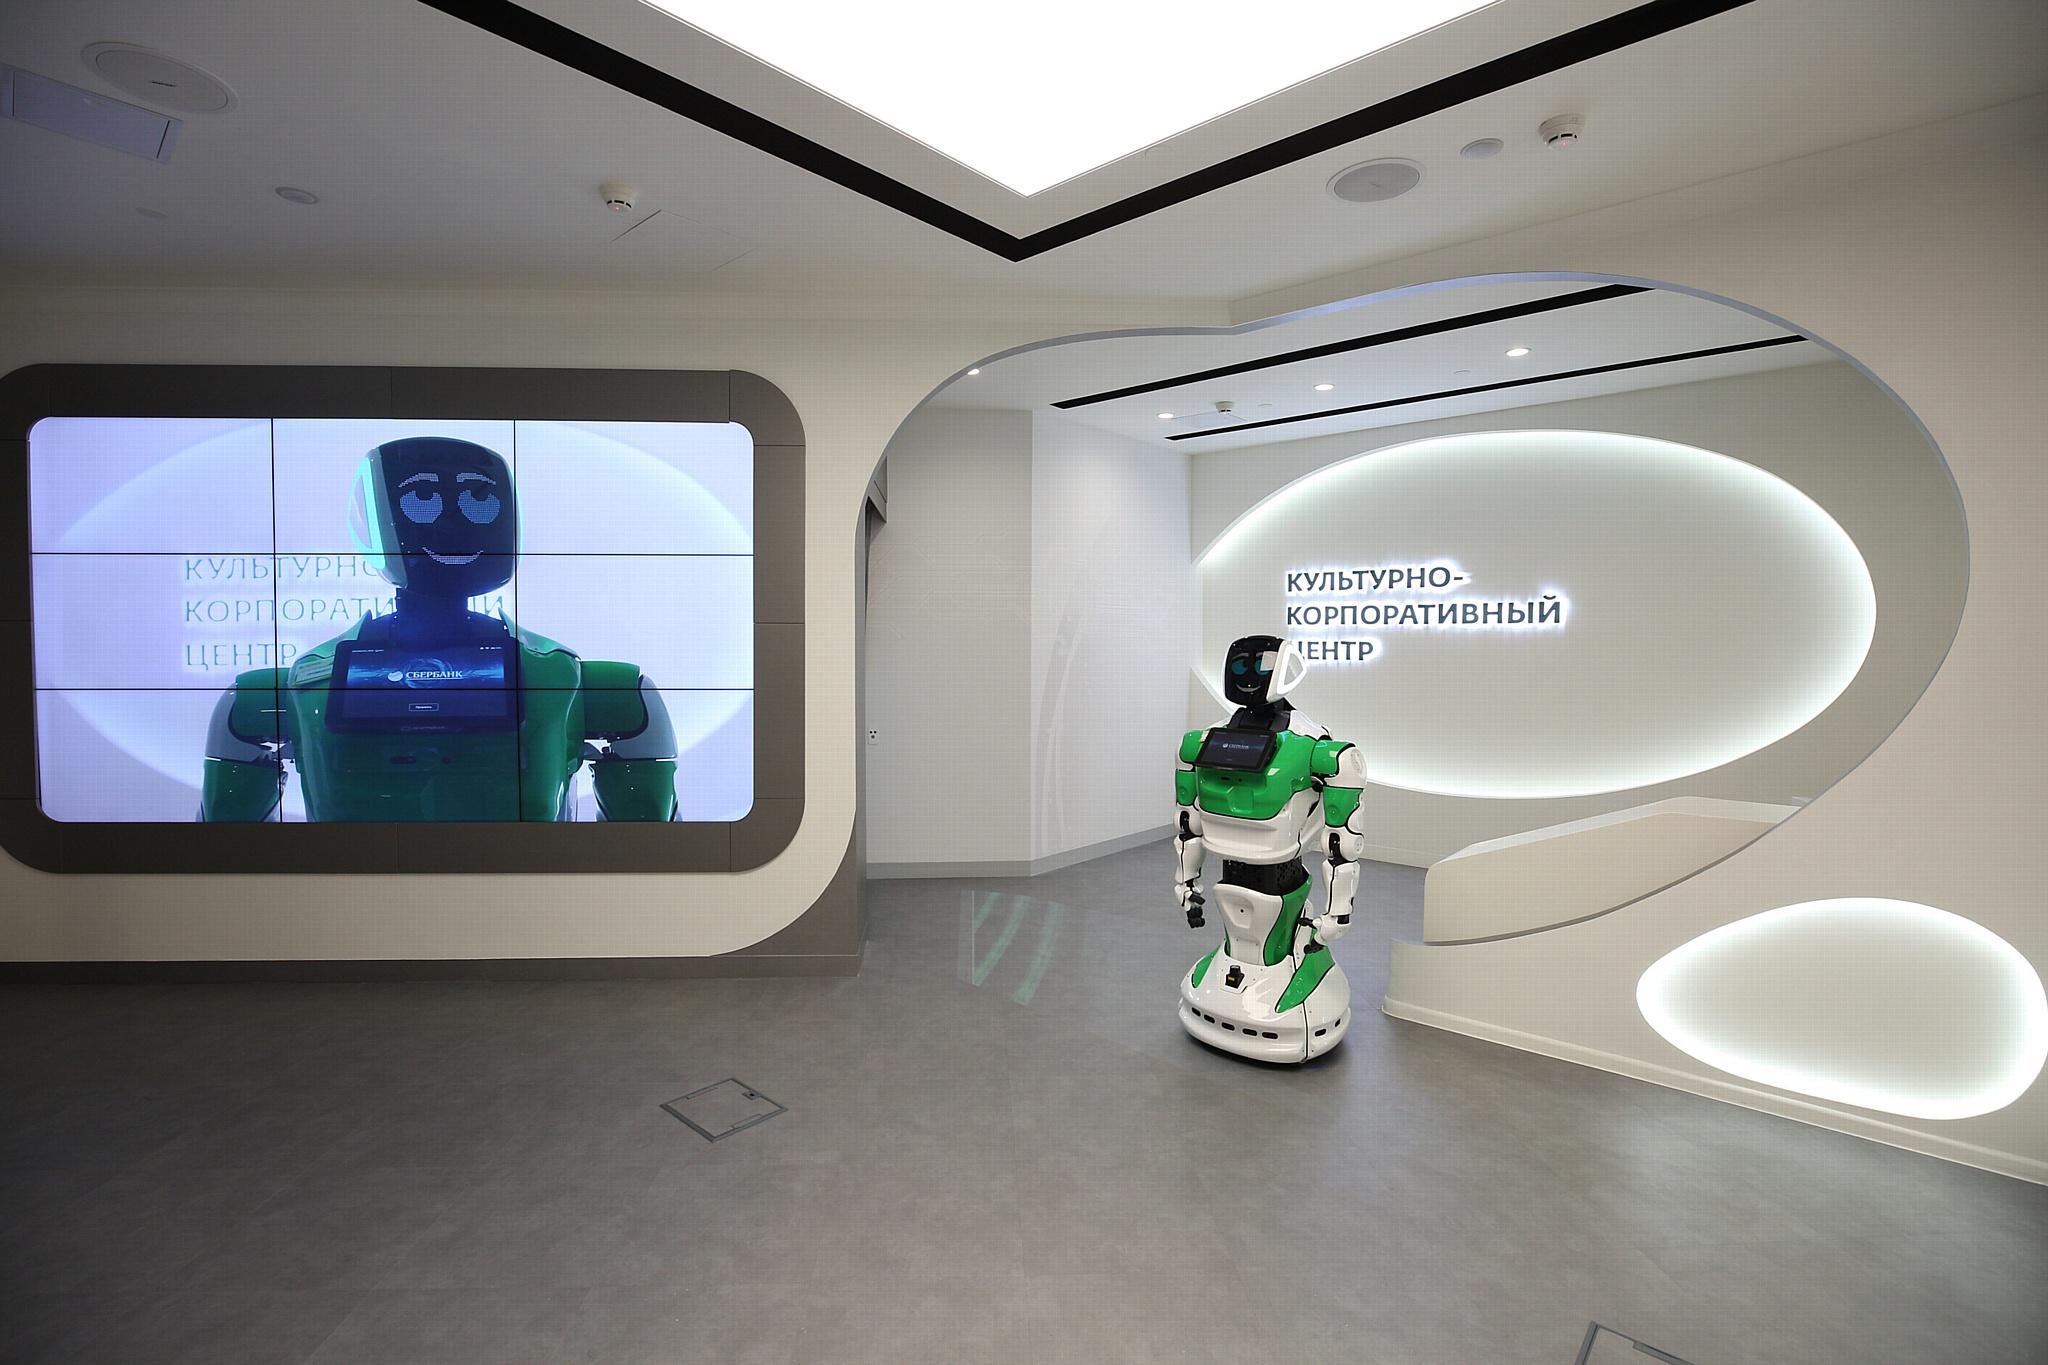 Интерактивный музейный комплекс — культурно-корпоративный центр открыт в Московском банке